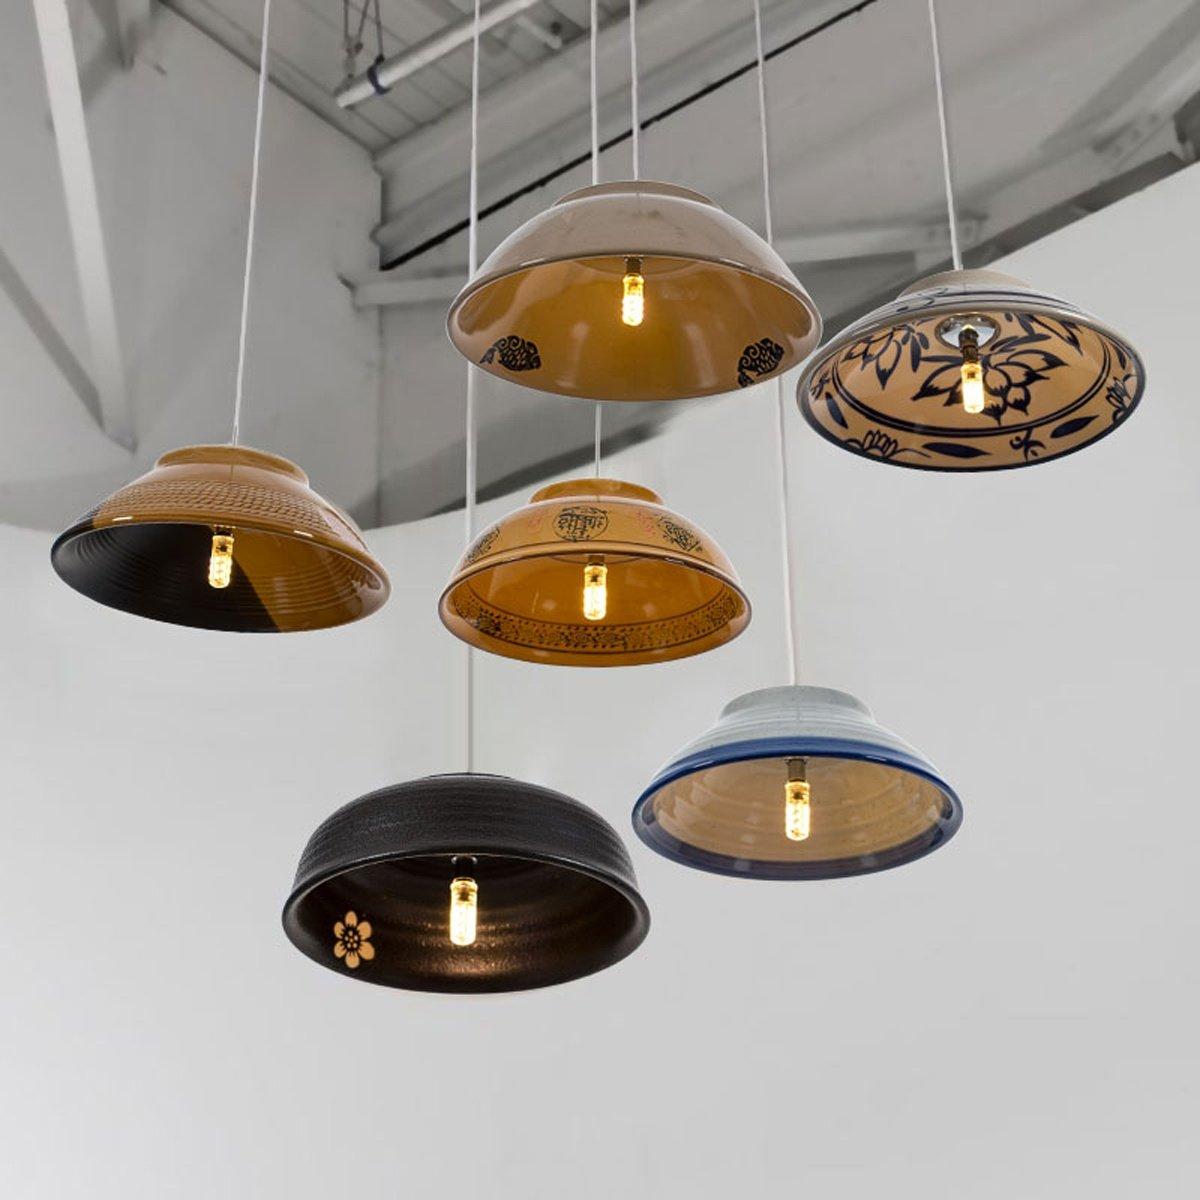 Amazon.com: FRTEJ Lámpara colgante de cerámica hecha a mano ...